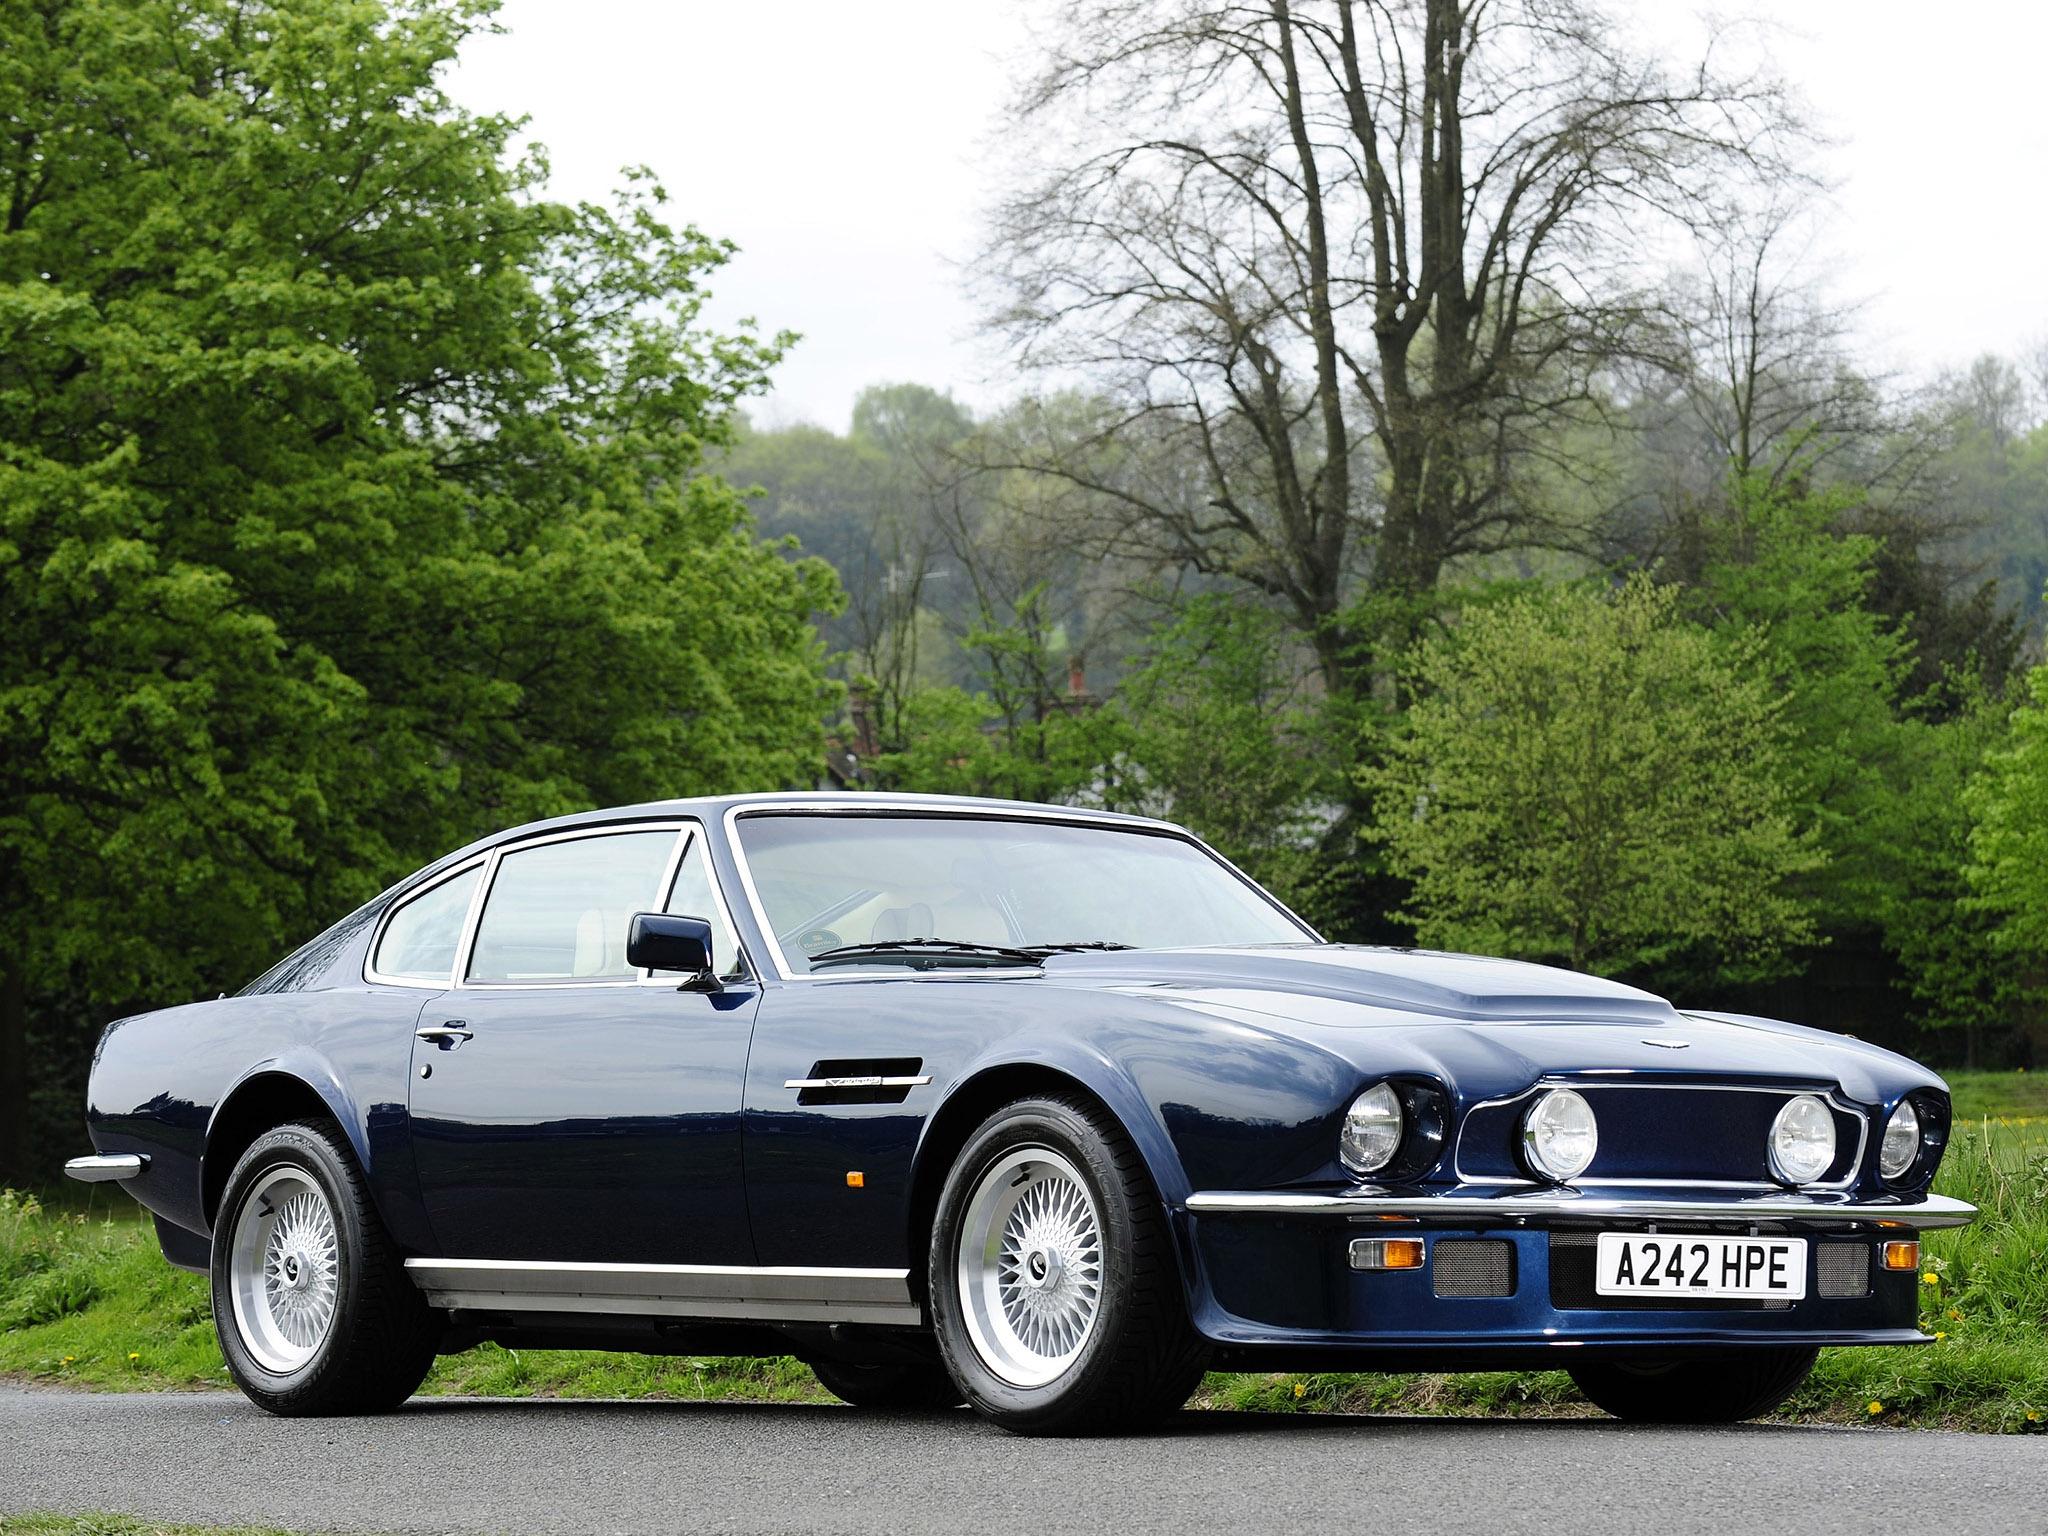 77 Aston Martin V8 Vantage – Idea di immagine auto